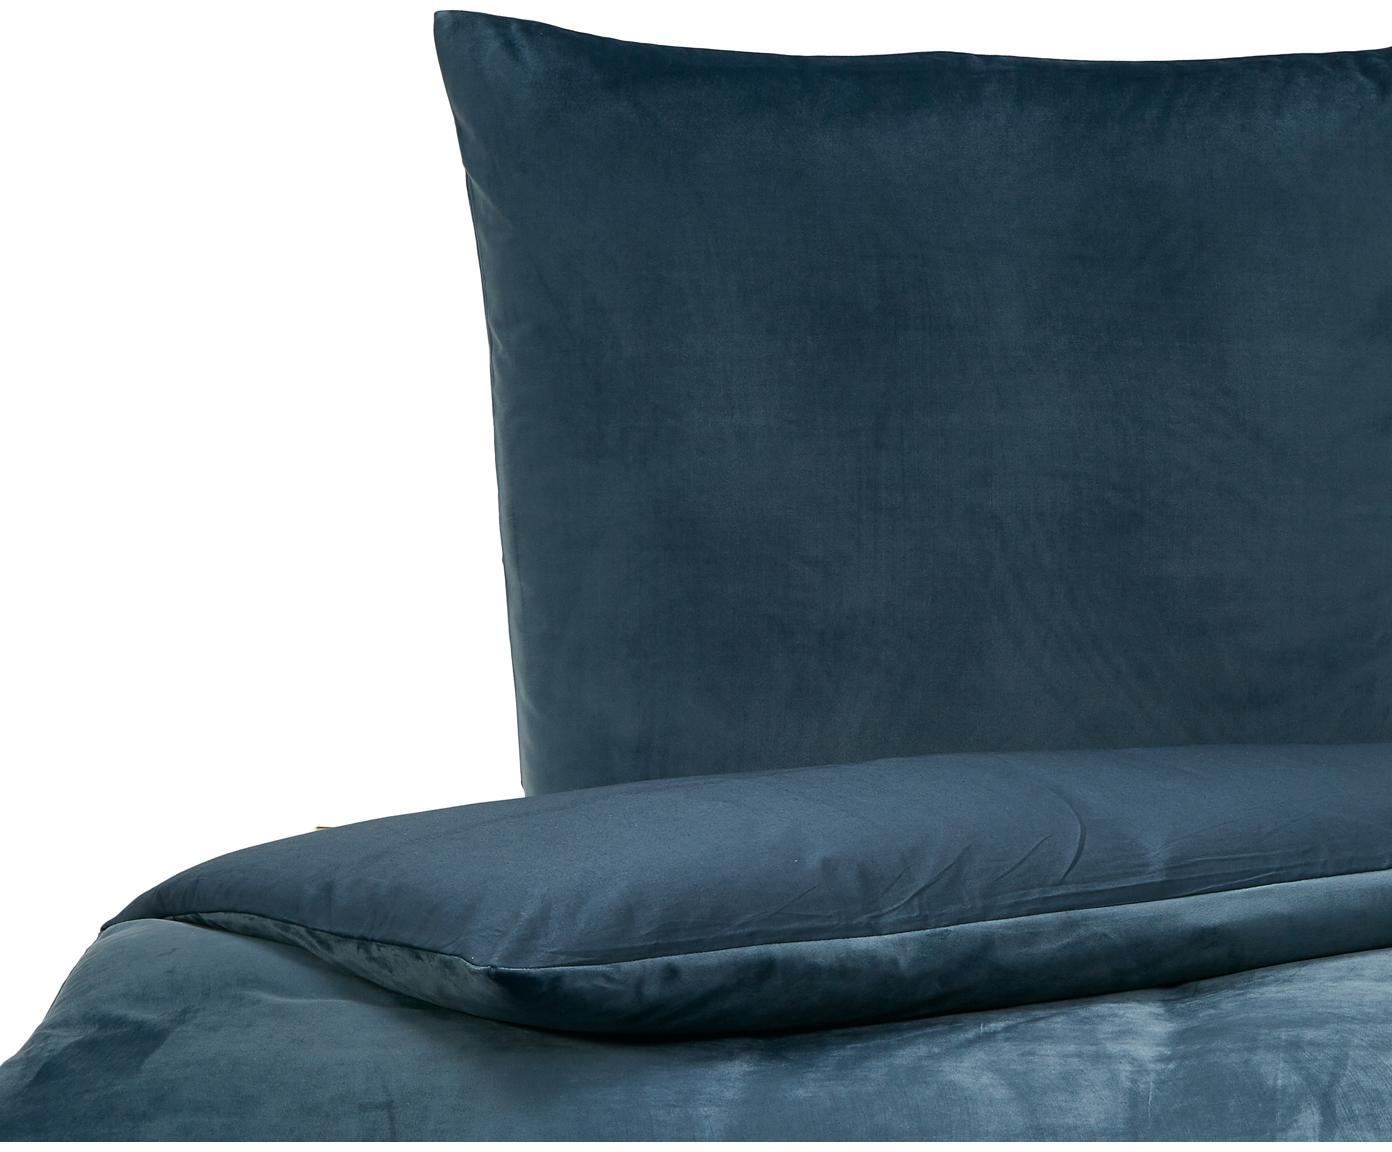 Samt-Bettwäsche Tender, Vorderseite: Polyestersamt, Rückseite: 100% Baumwolle Bettwäsche, Blau, 135 x 200 cm + 1 Kissen 80 x 80 cm